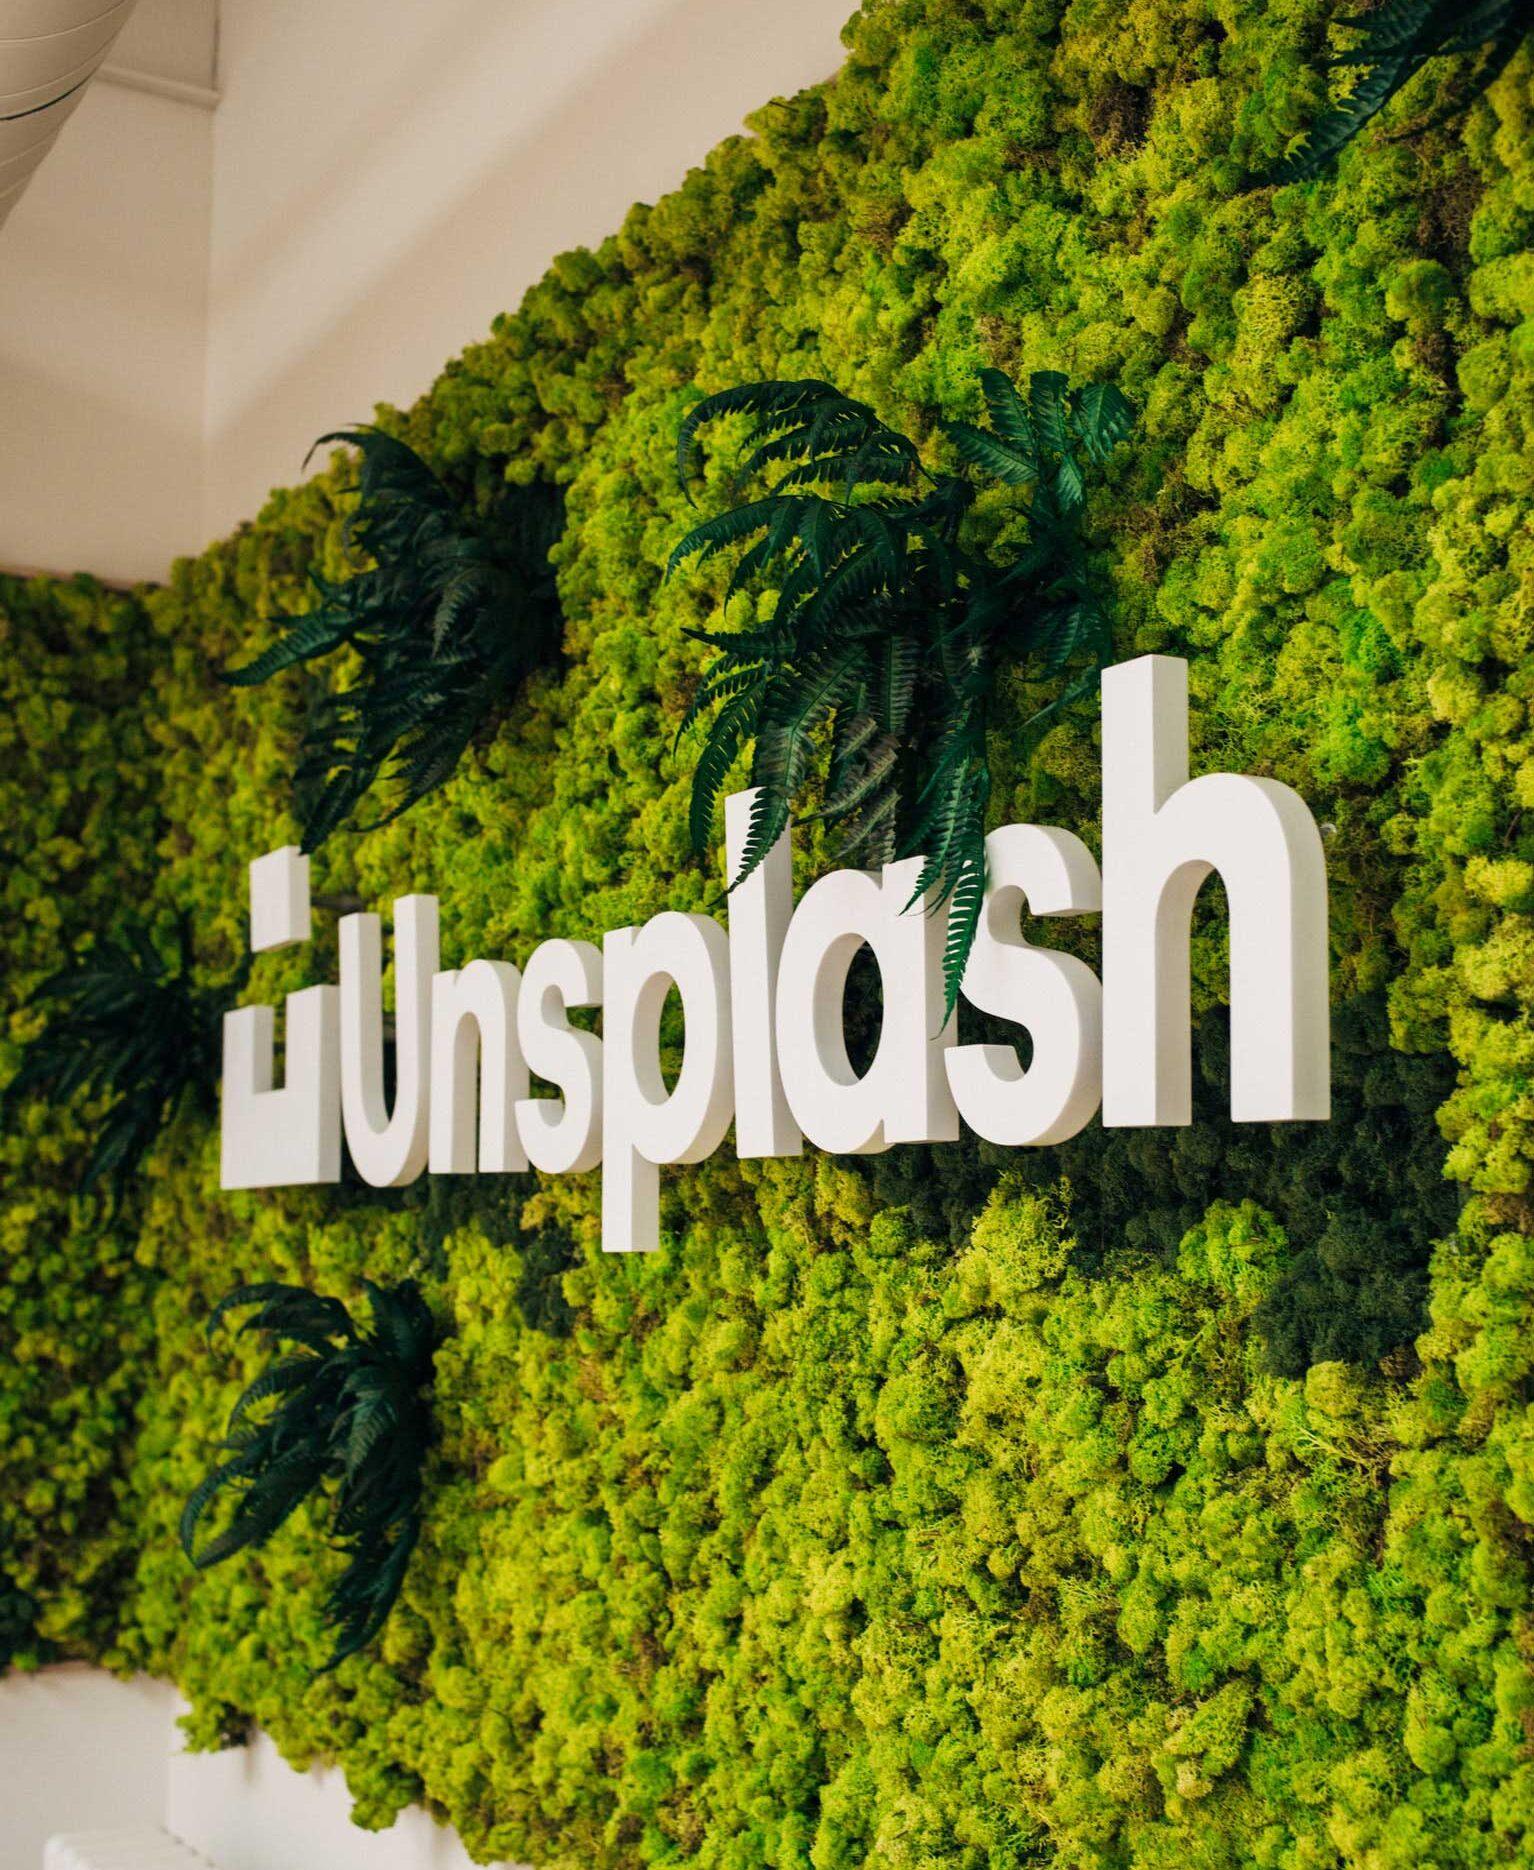 Green Marketing als Teil einer nachhaltigen Ausrichtung